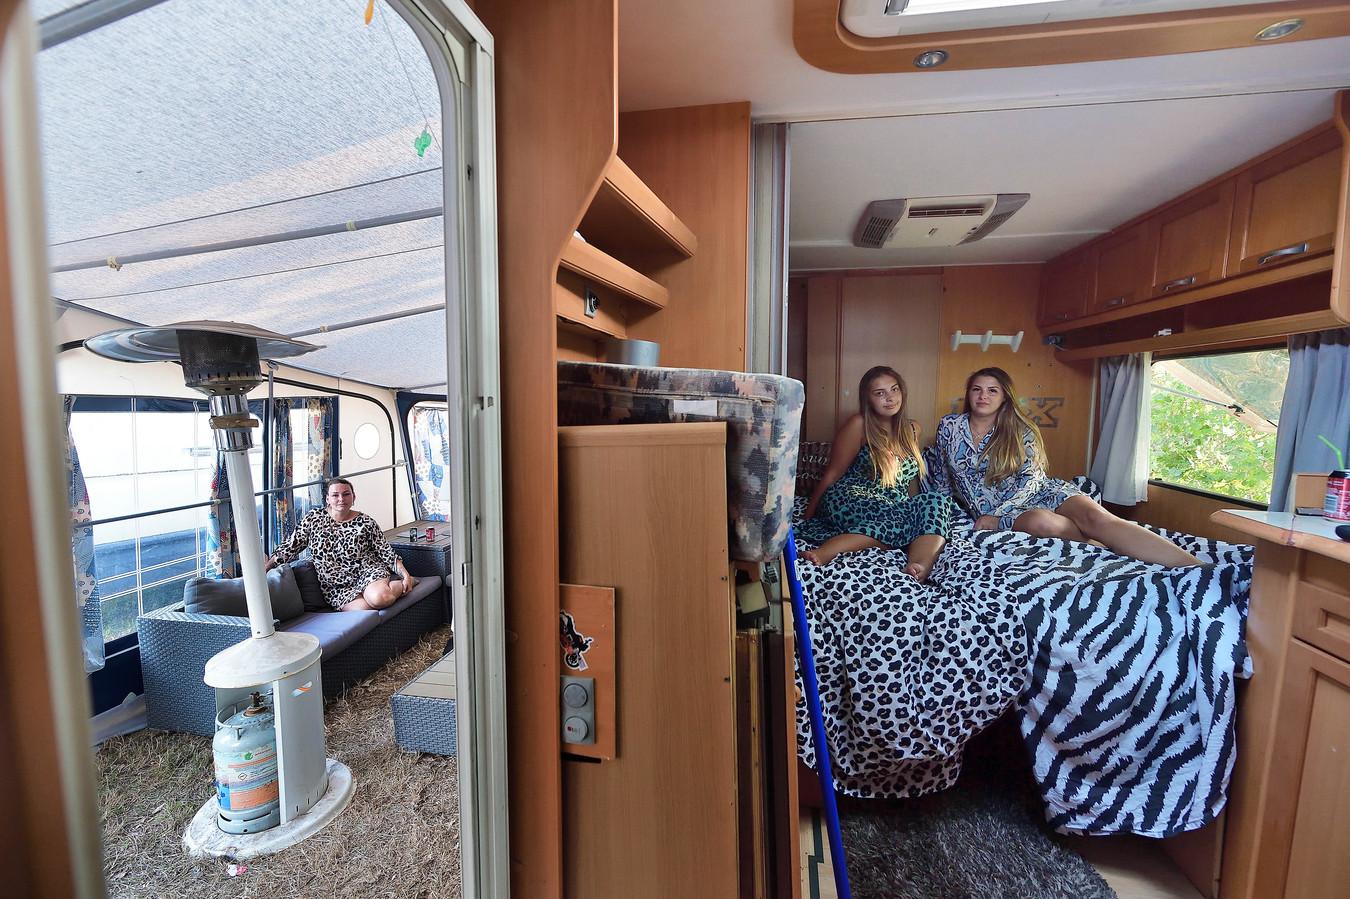 Vooral in de snikhete caravans is het nu afzien, zeggen Bartelina (l) en Joke.